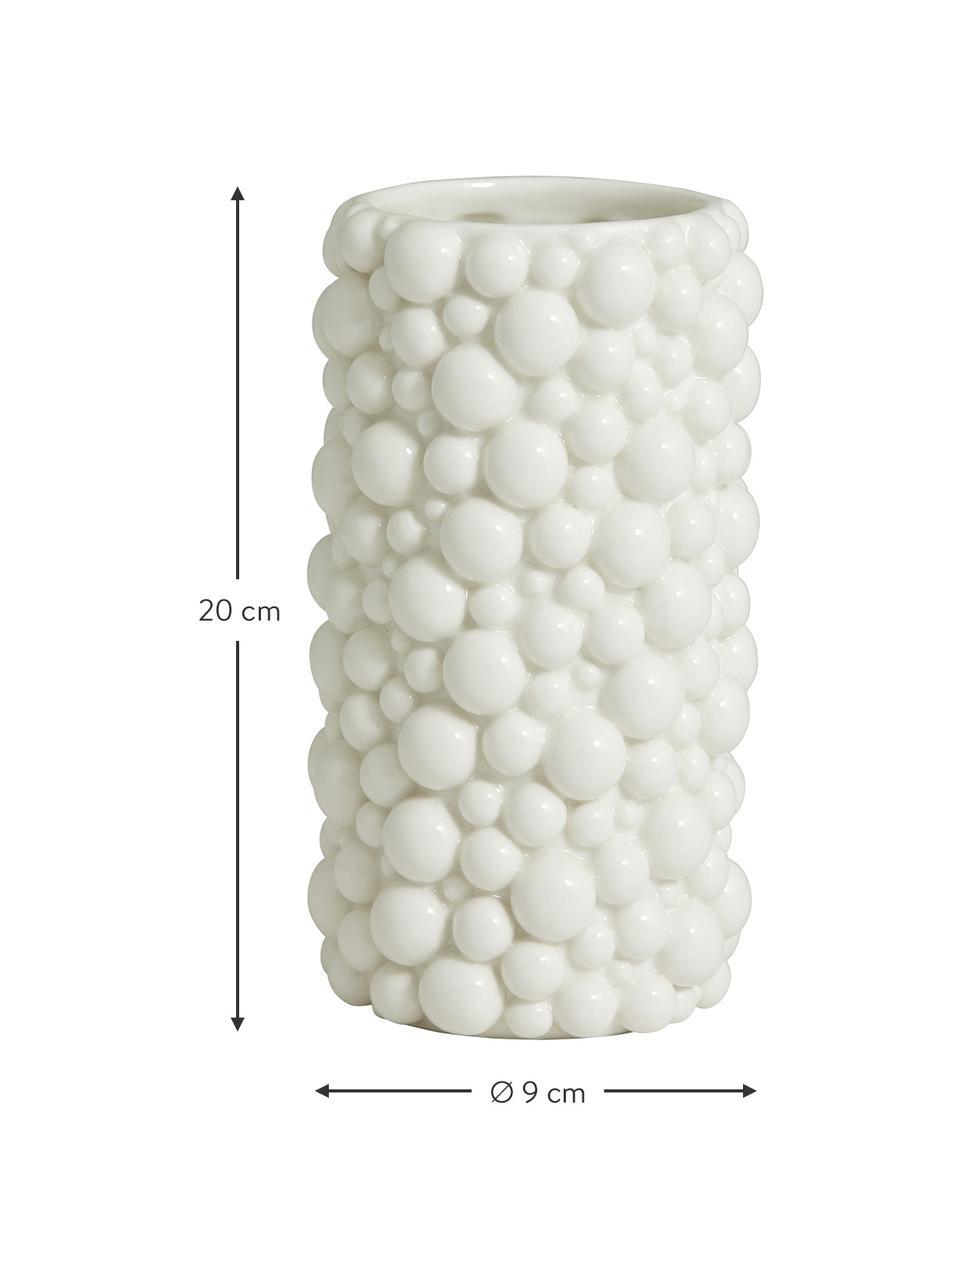 Keramische vaas Naxos, Keramiek, Wit, Ø 9 x H 20 cm